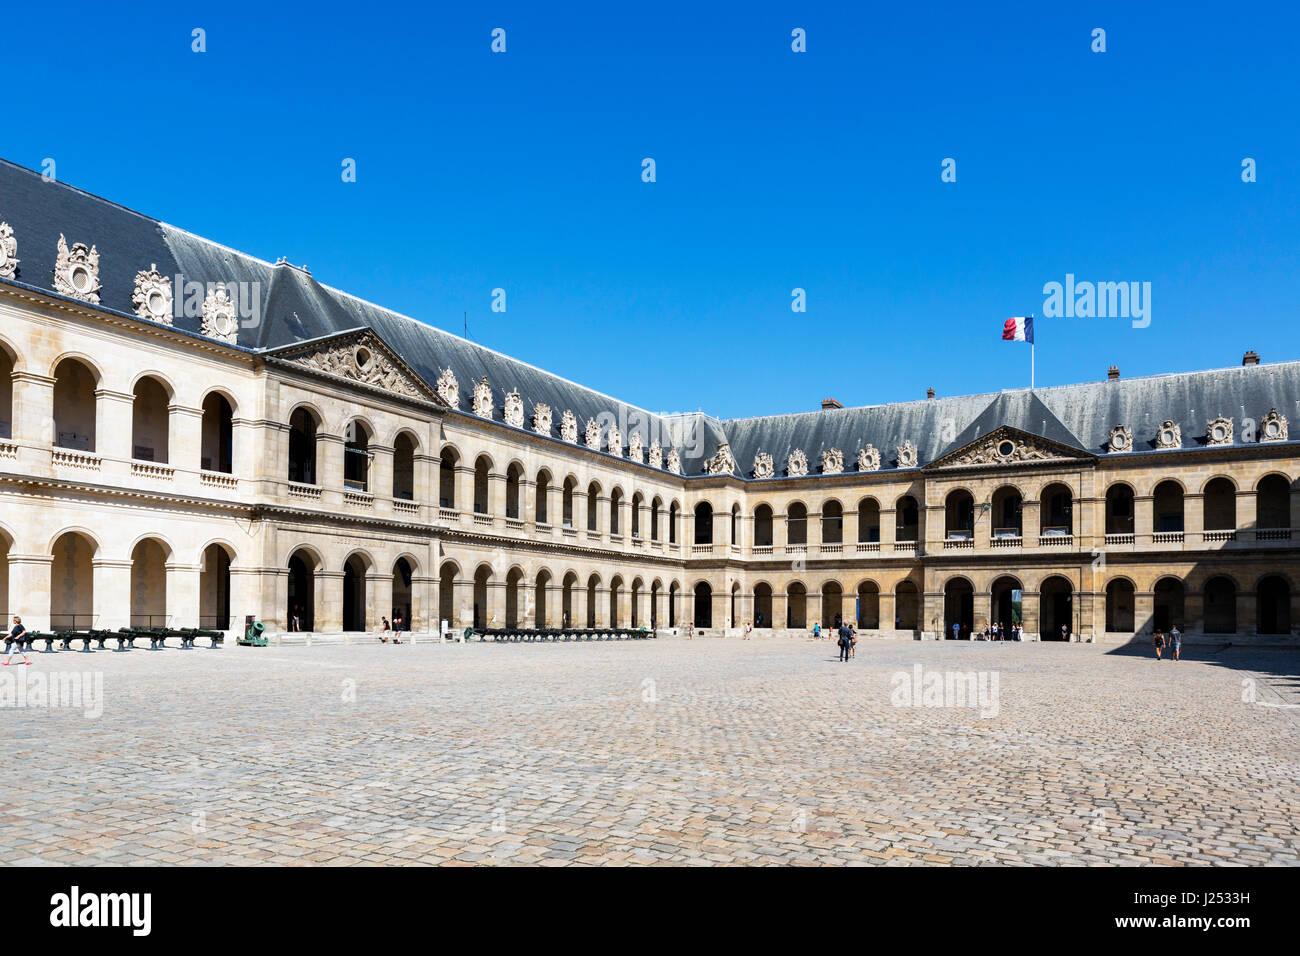 Courtyard (Cour d'honneur) at Les Invalides, Paris, France - Stock Image